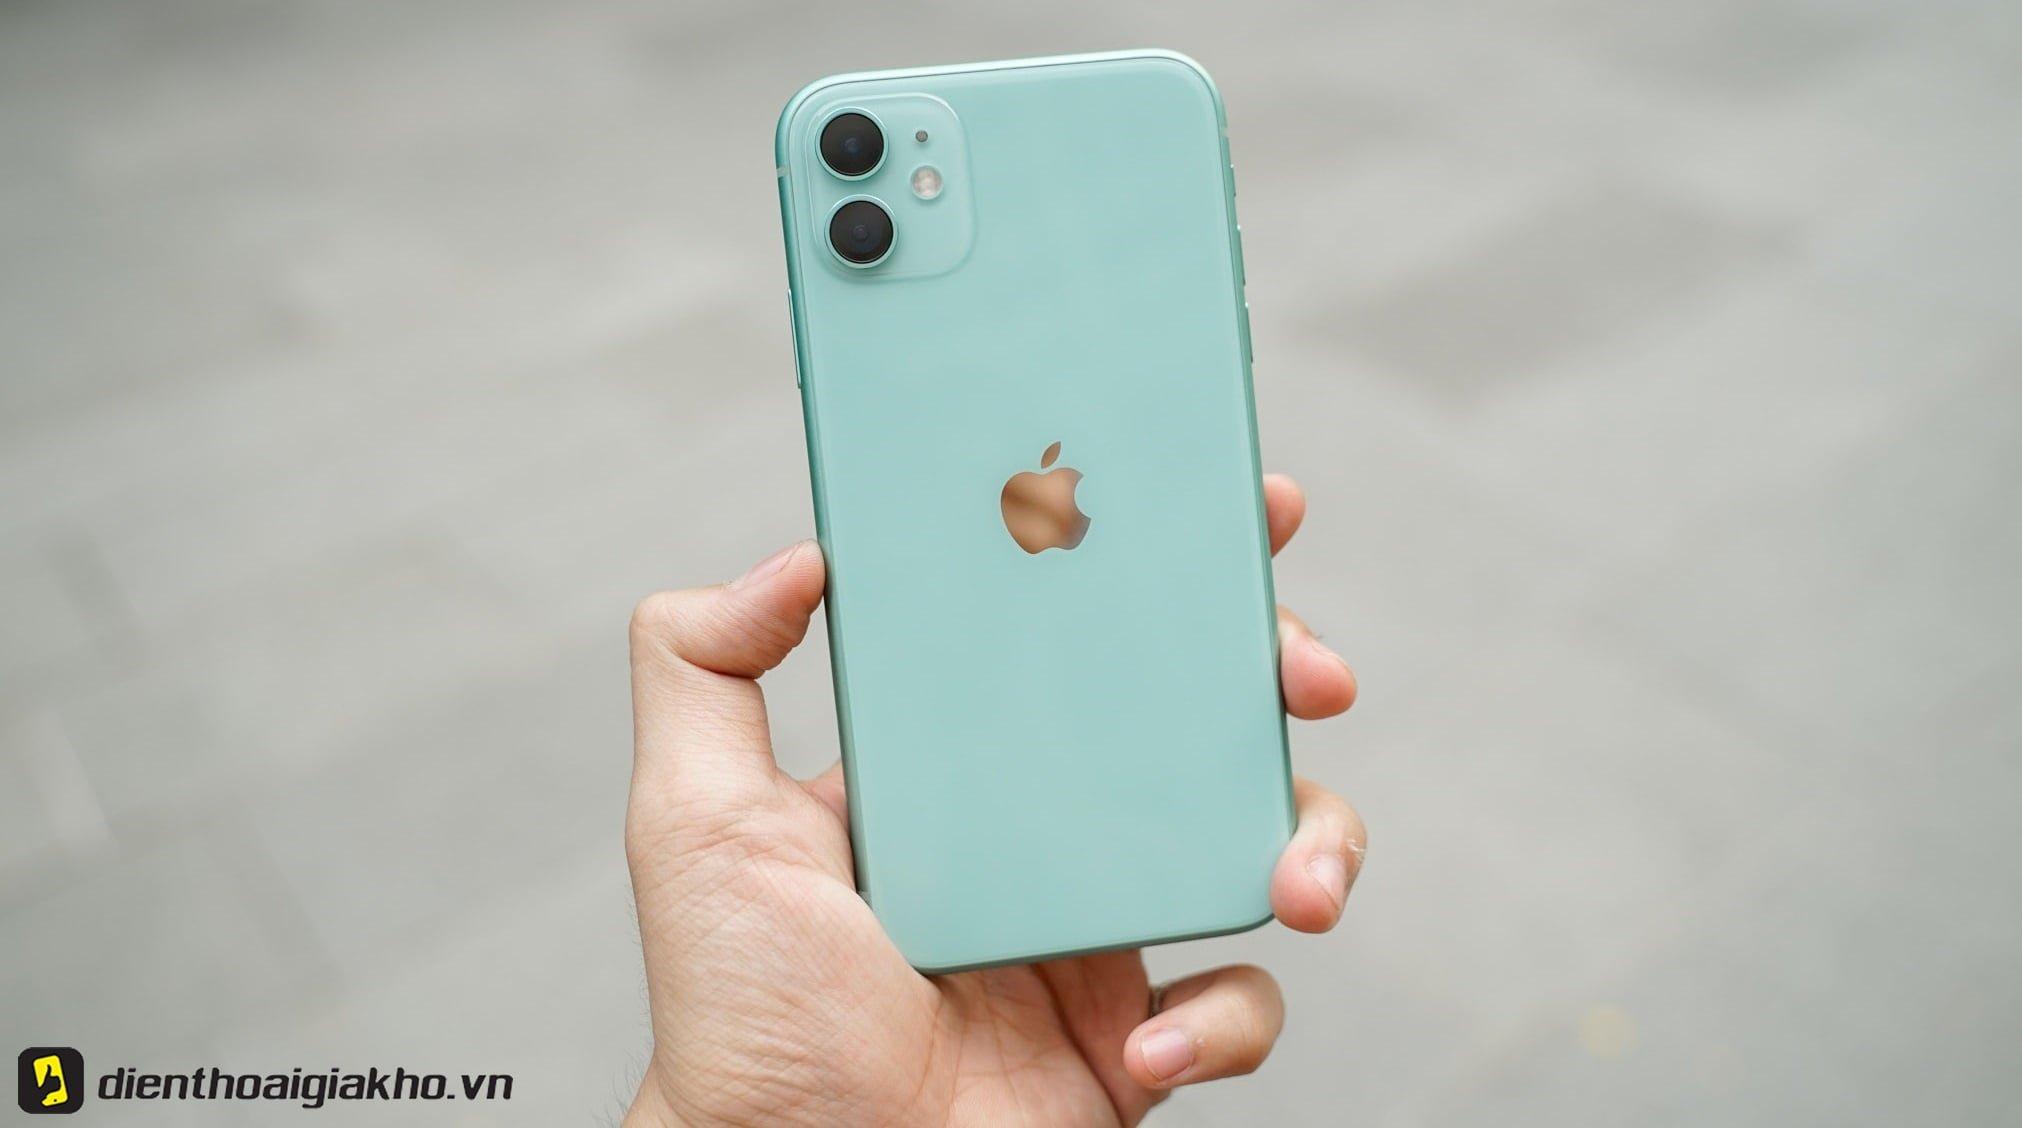 iphone-11-bao-nhieu-inch-voi-cau-hinh-cuc-khung